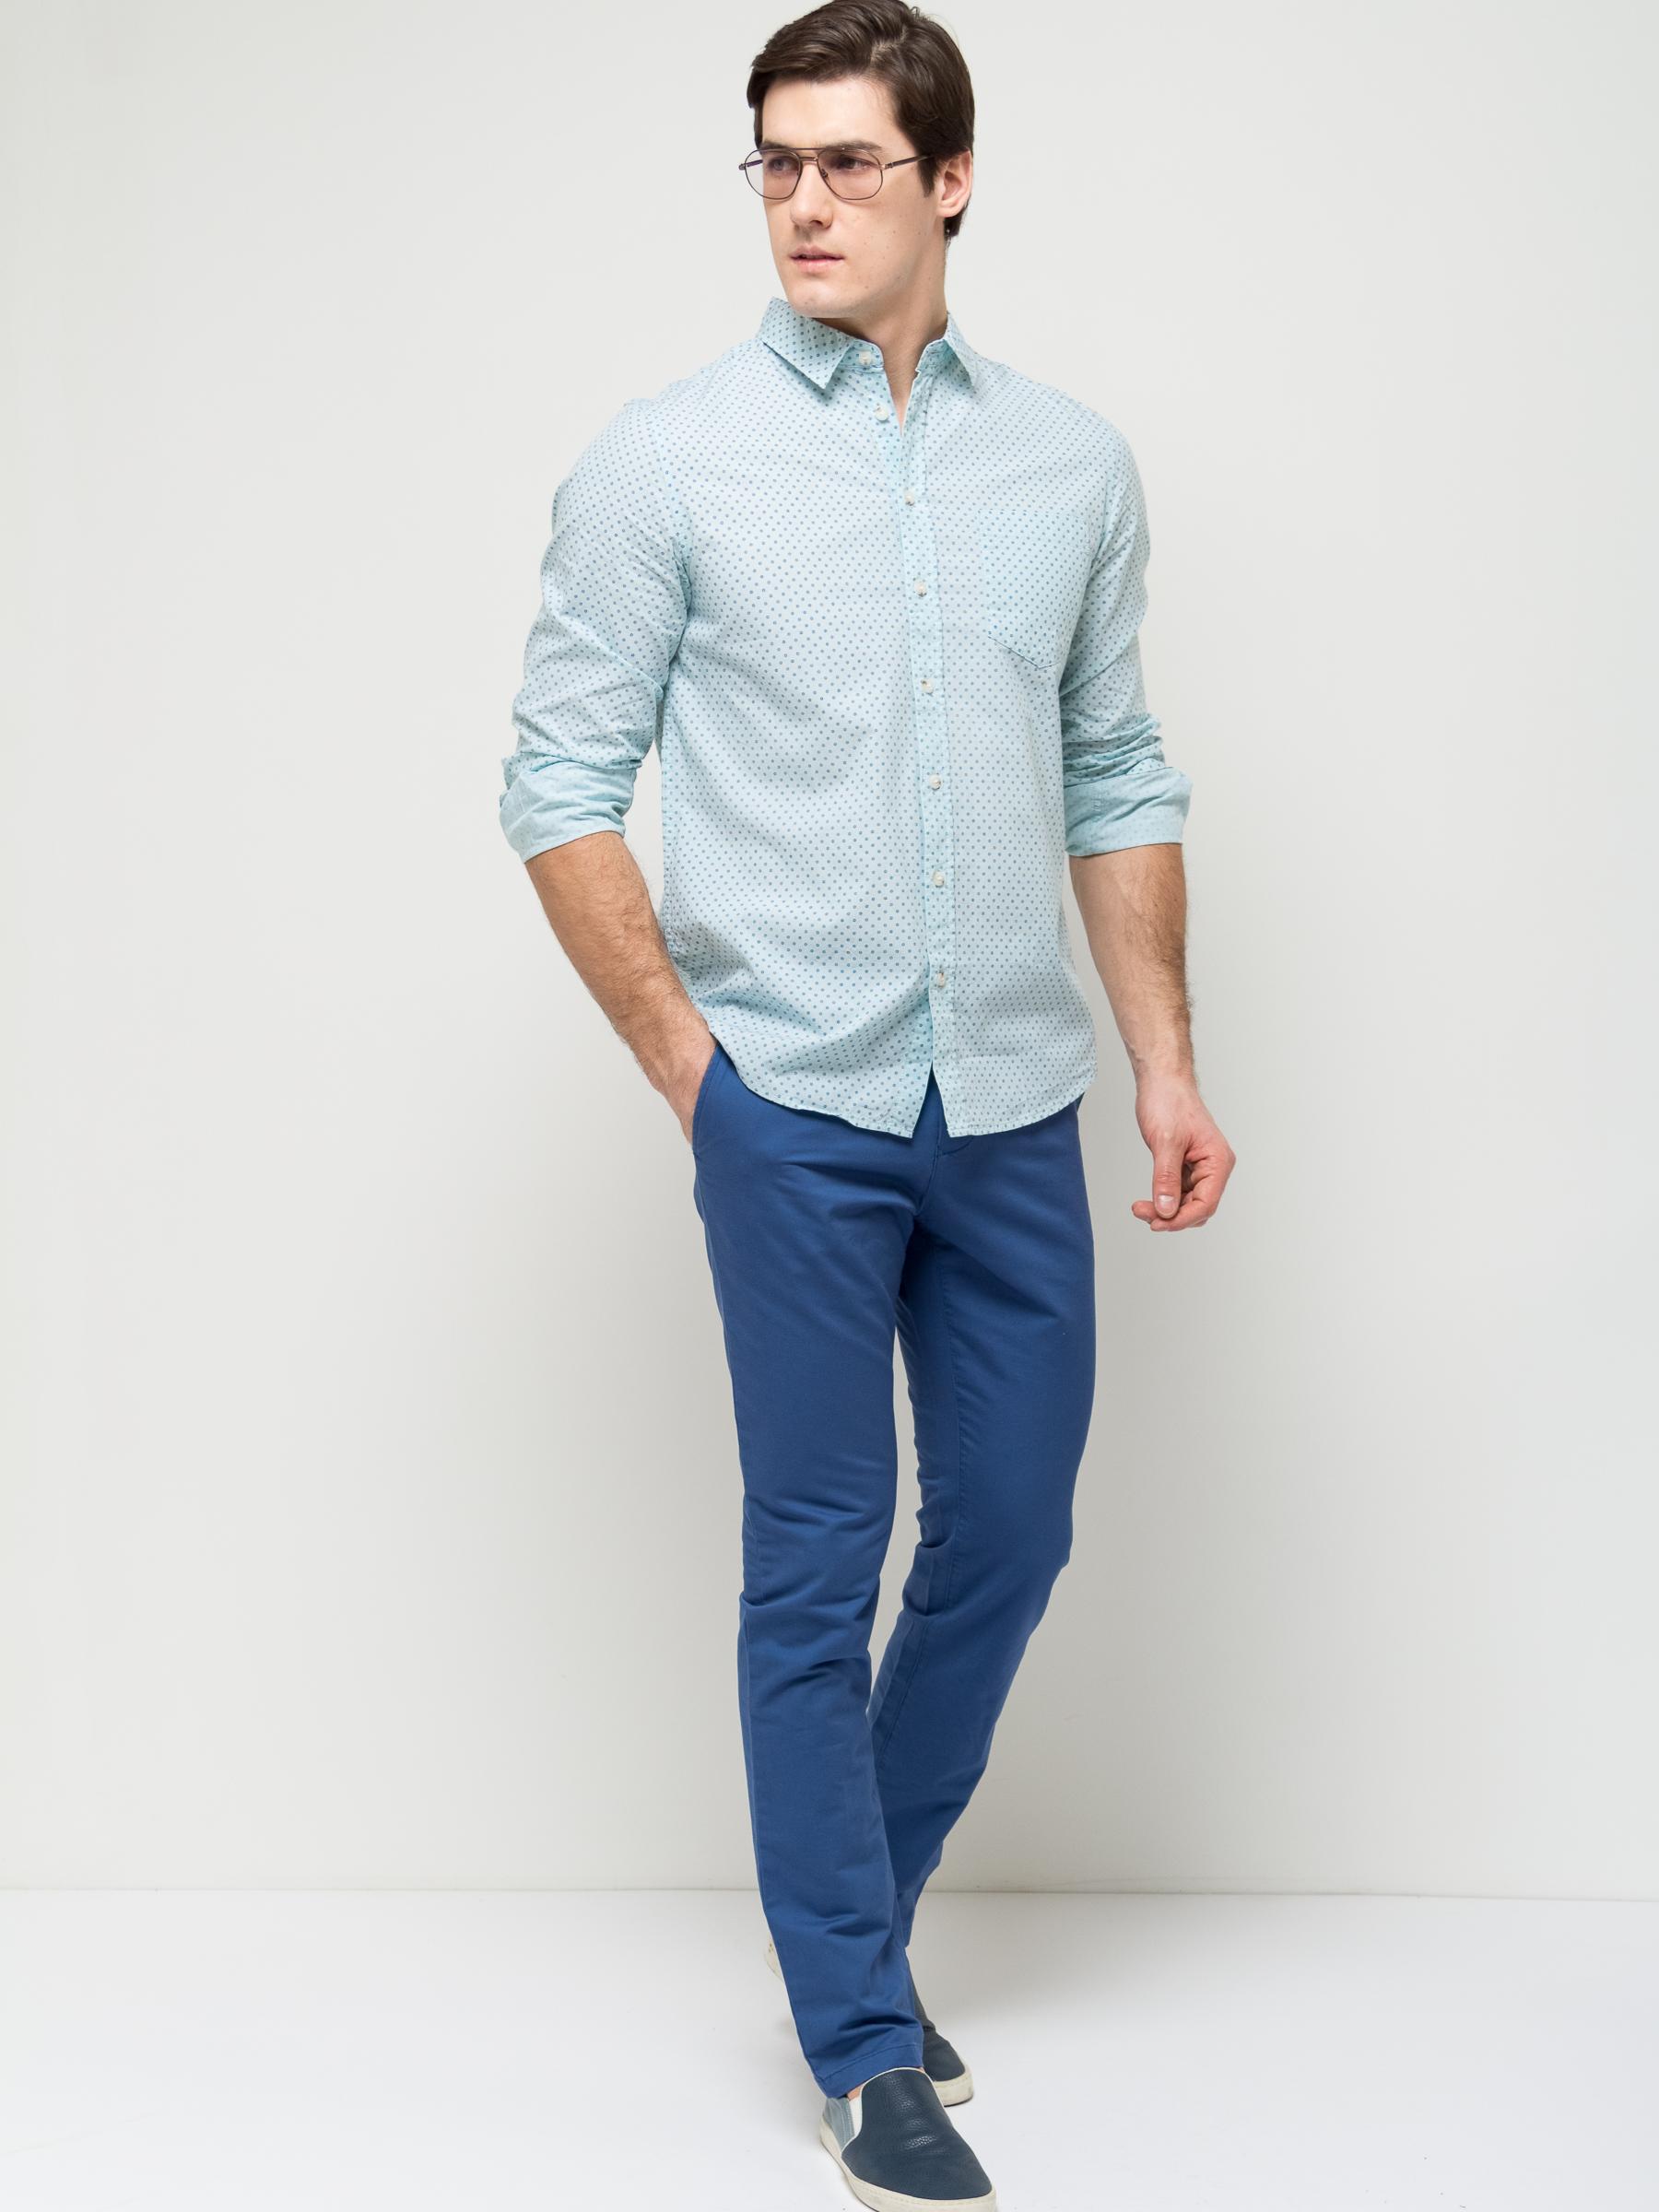 Рубашка мужская Sela, цвет: дымчатый ментол. H-212/749-7112. Размер 43 (50)H-212/749-7112Стильная мужская рубашка Sela выполнена из натурального хлопка и оформлена принтом в мелкий горошек. Модель полуприлегающего кроя с длинными рукавами и отложным воротничком застегивается на пуговицы и дополнена накладным карманом на груди. Манжеты рукавов также дополнены пуговицами.Яркий цвет модели позволяет создавать стильные образы.